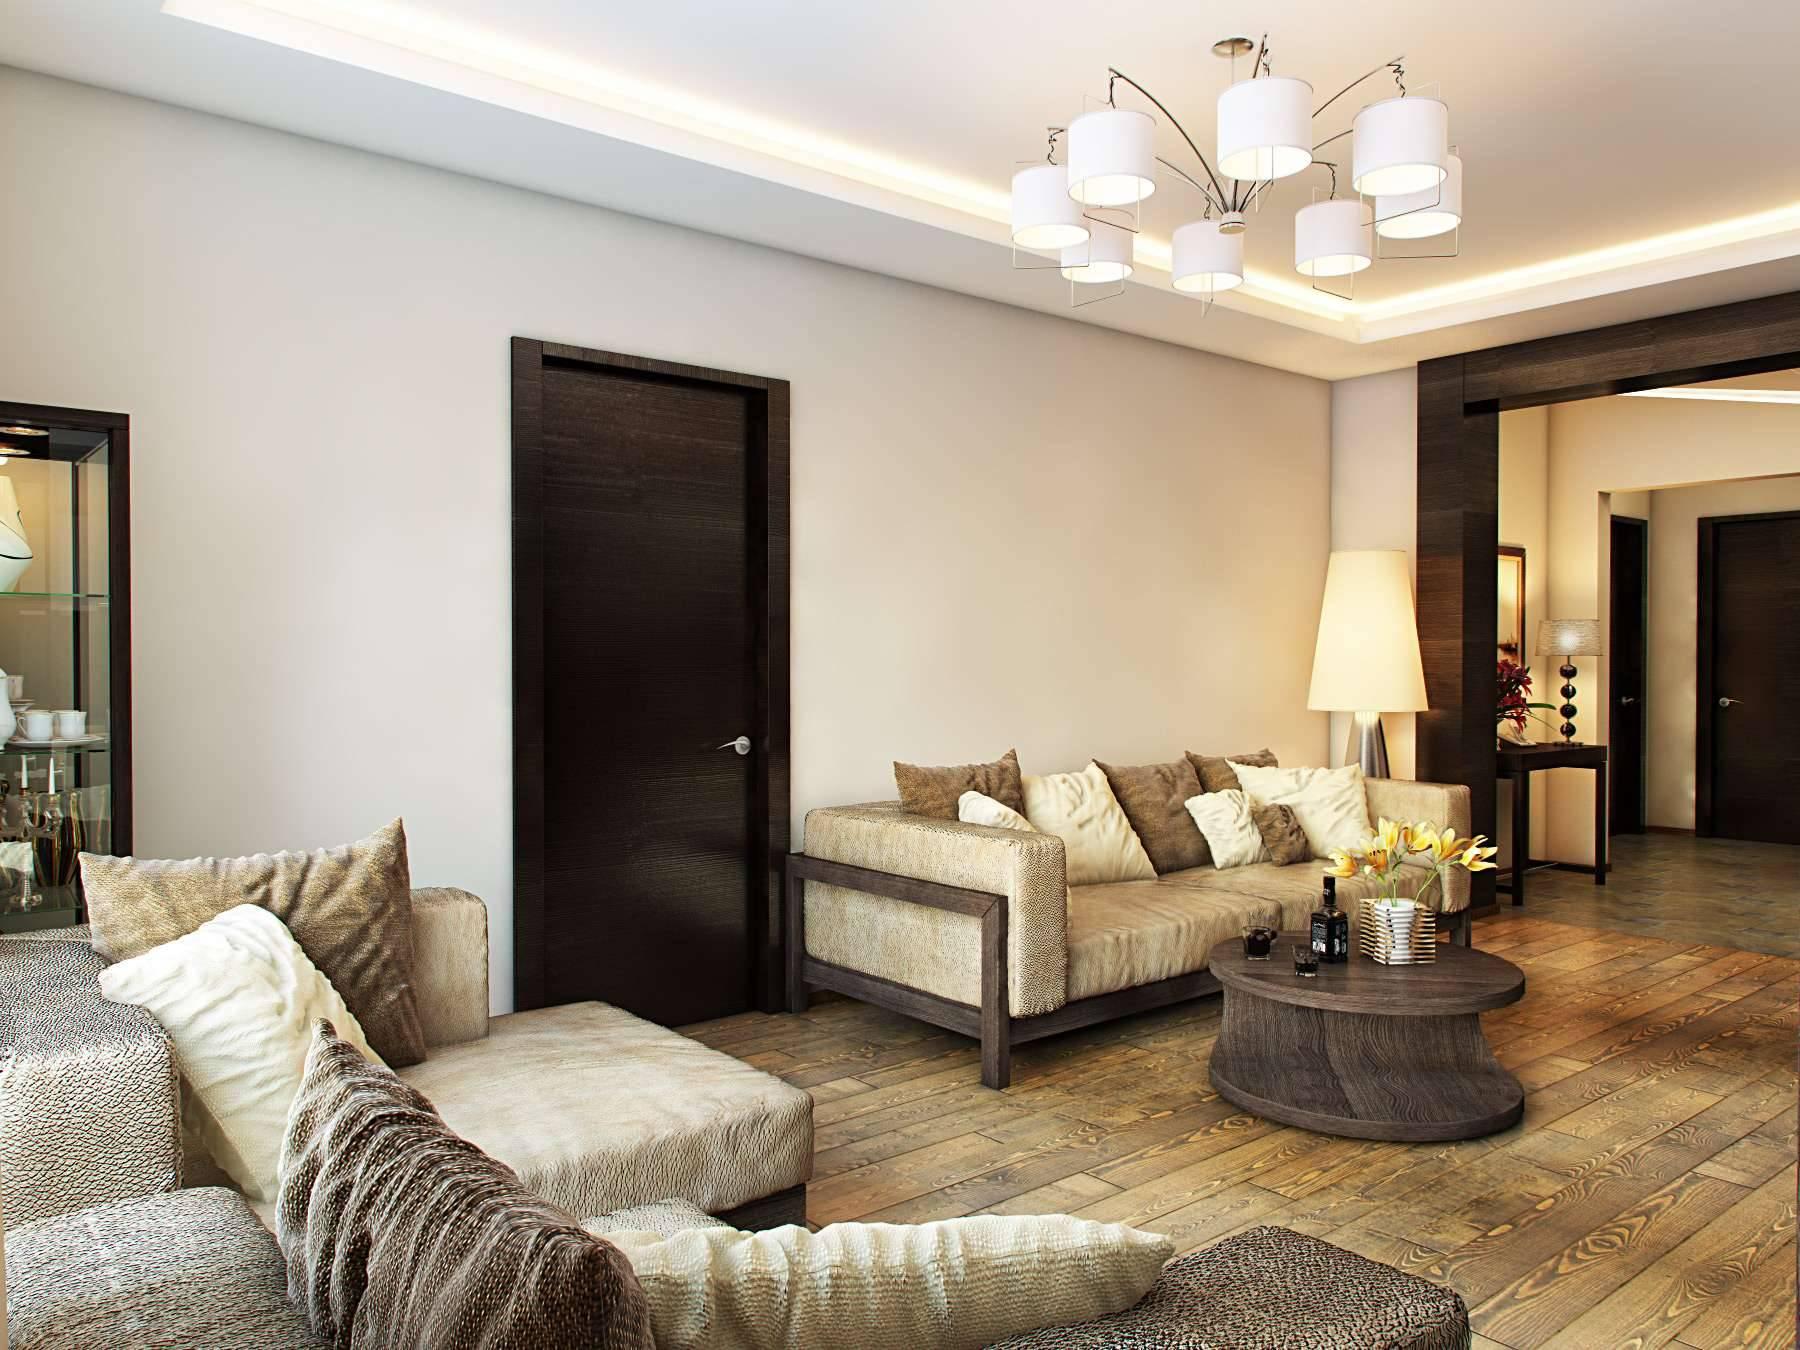 Люстры в интерьере спальни:190+(фото) для современного дизайна